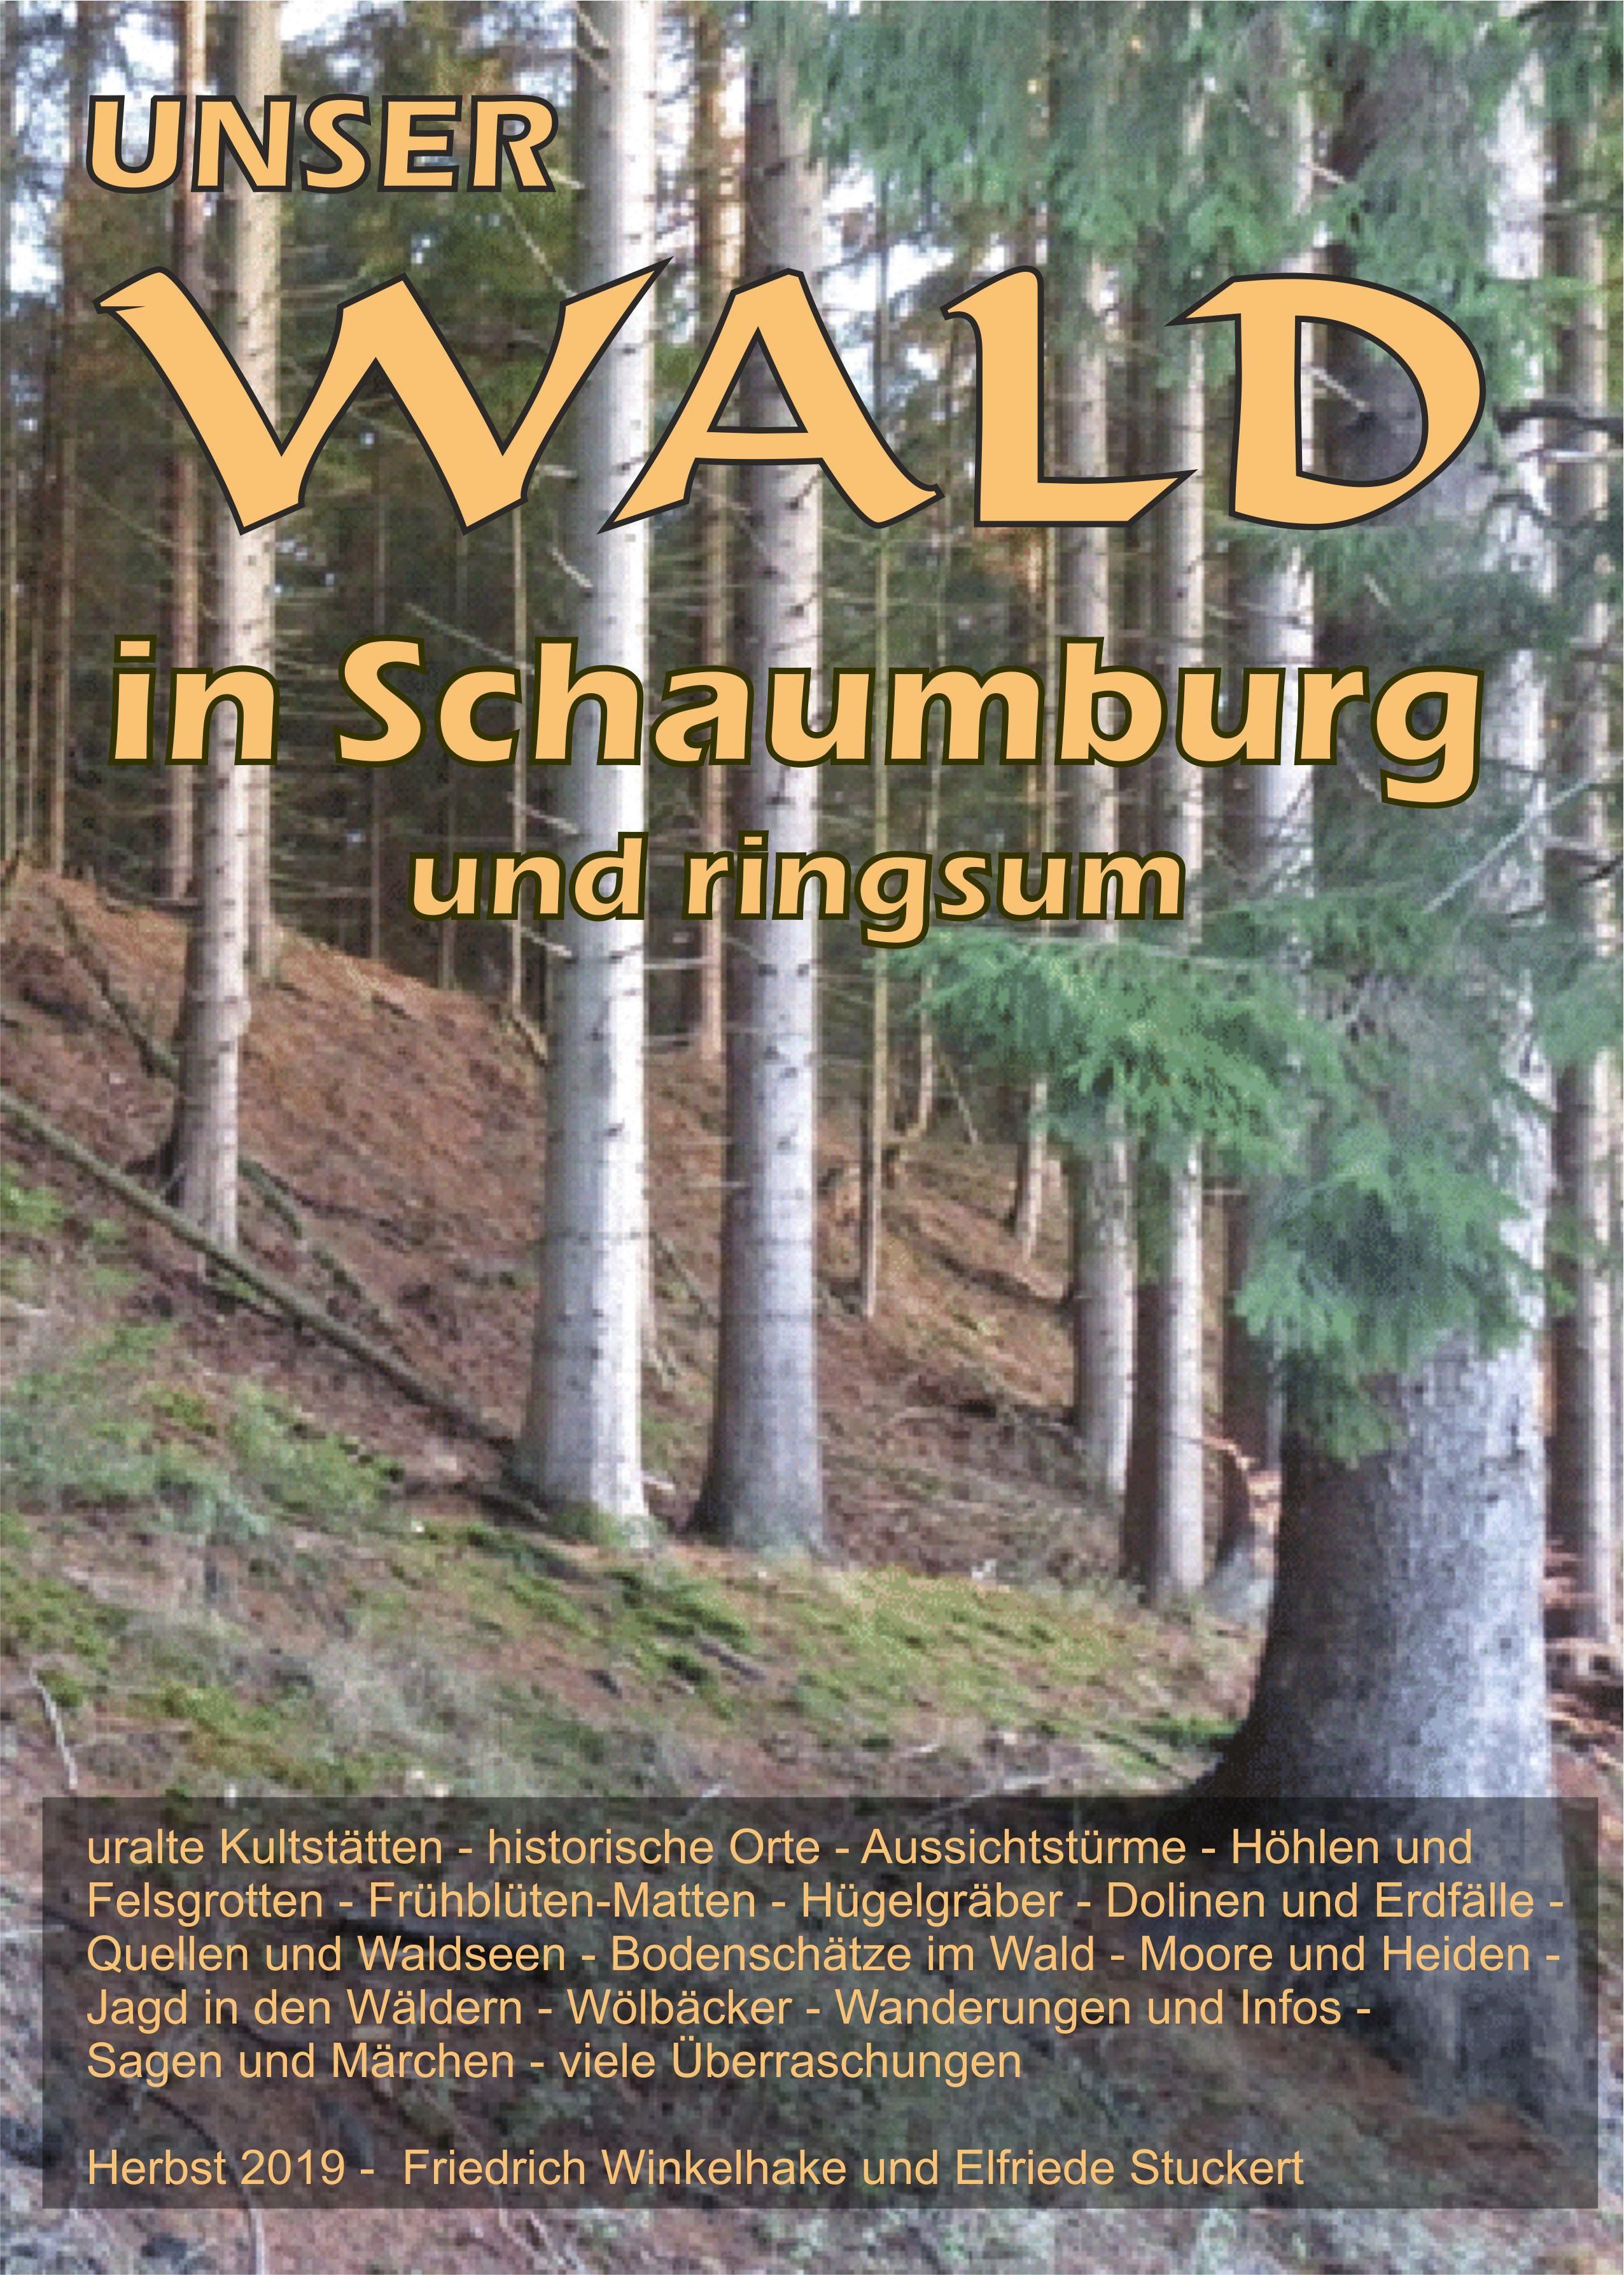 Unser Wald in Schaumburg und ringsum